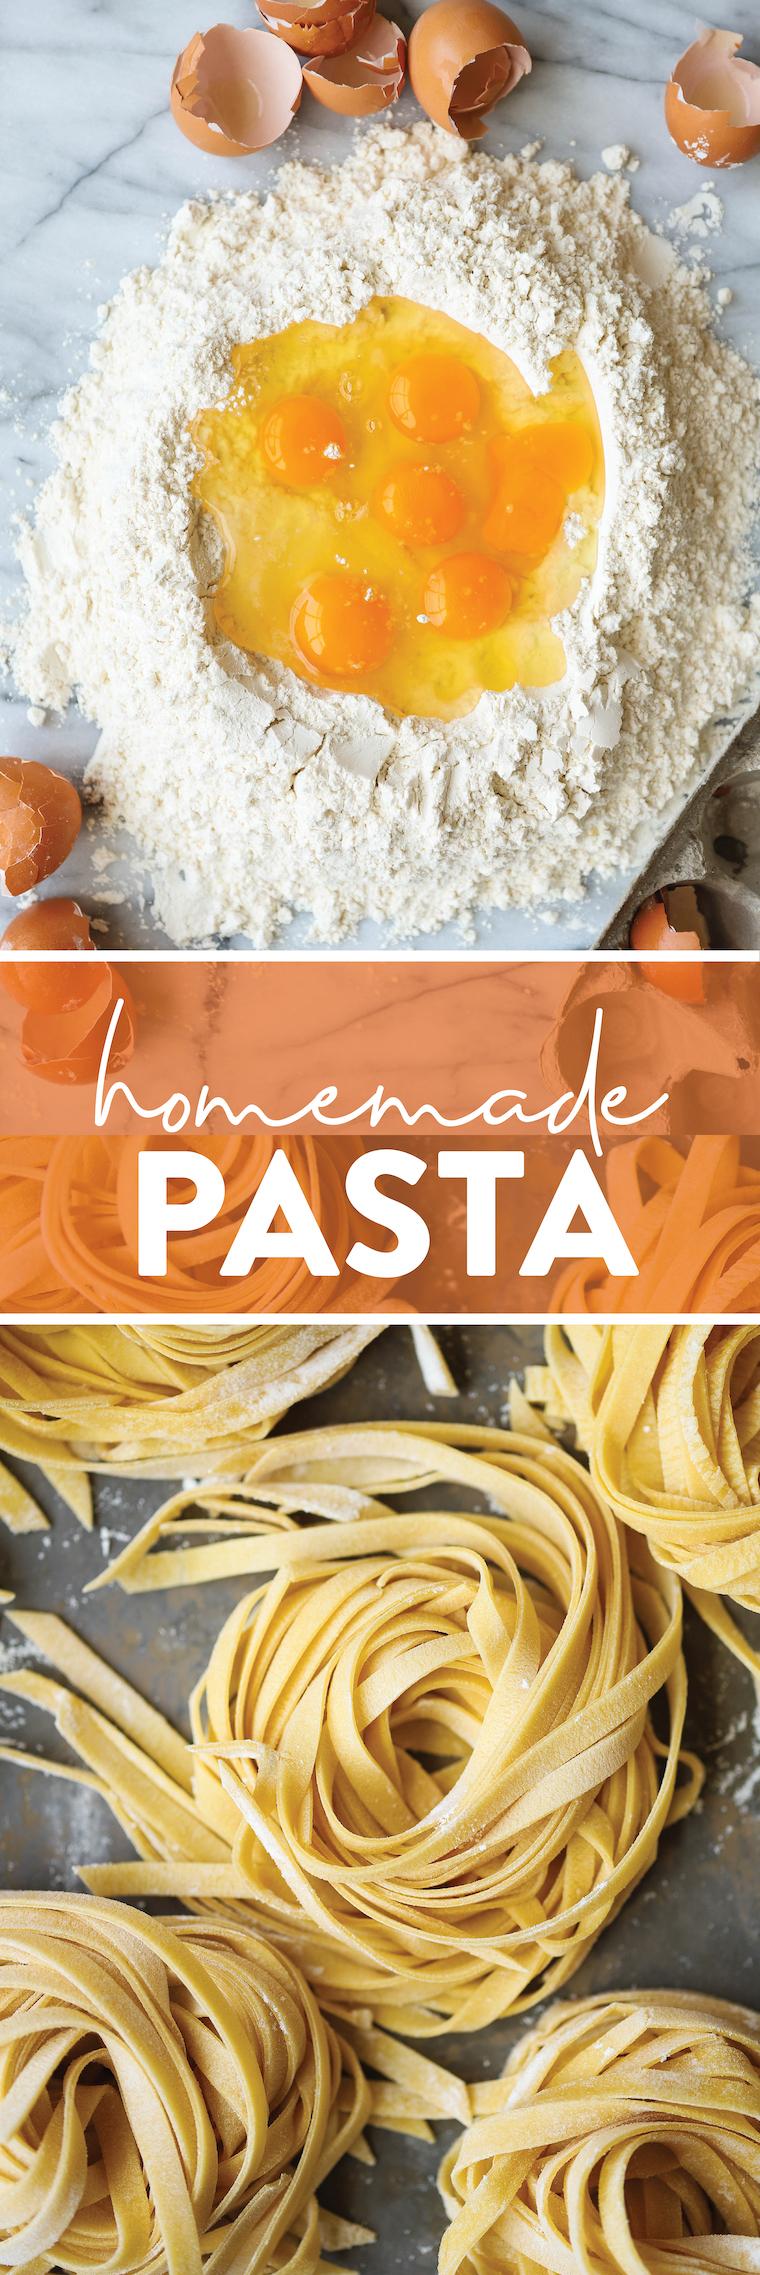 Домашняя паста - Домашнее свежее тесто для макарон!  Все, что вам нужно, это 4 ингредиента, и это невероятно просто (и так универсально).  Идеально подходит для любой формы!